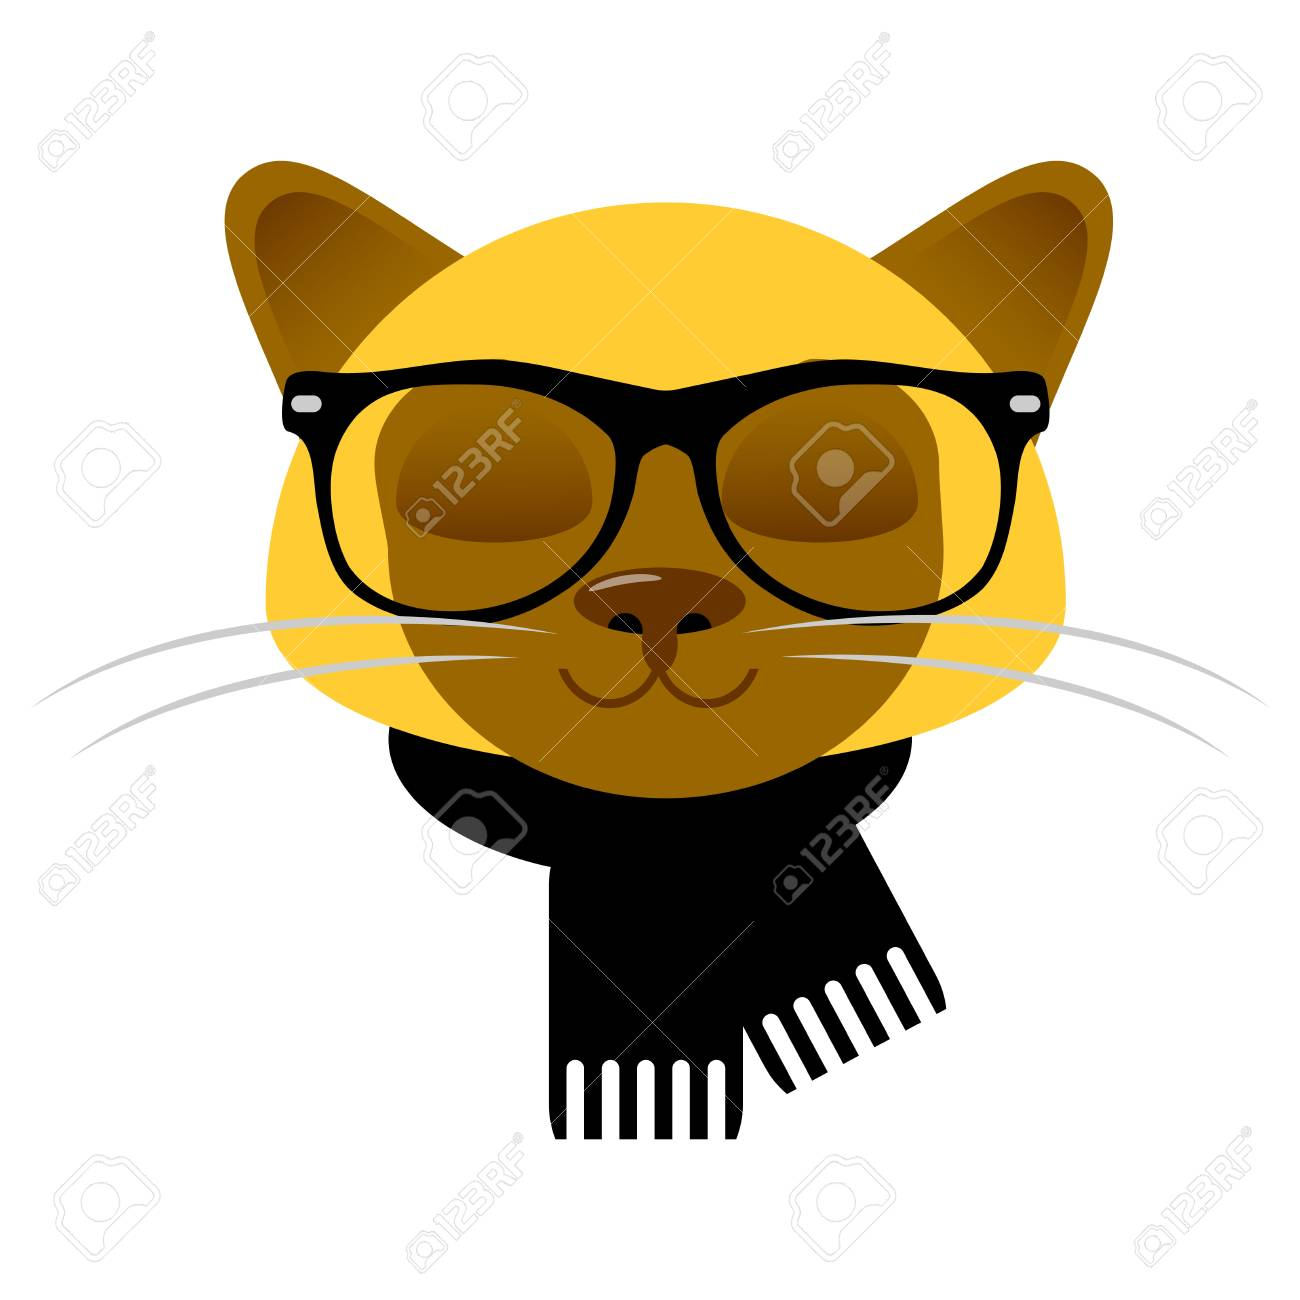 Vettoriale Scheda Con Cute Faccia Gatto Siamese In Bicchieri E